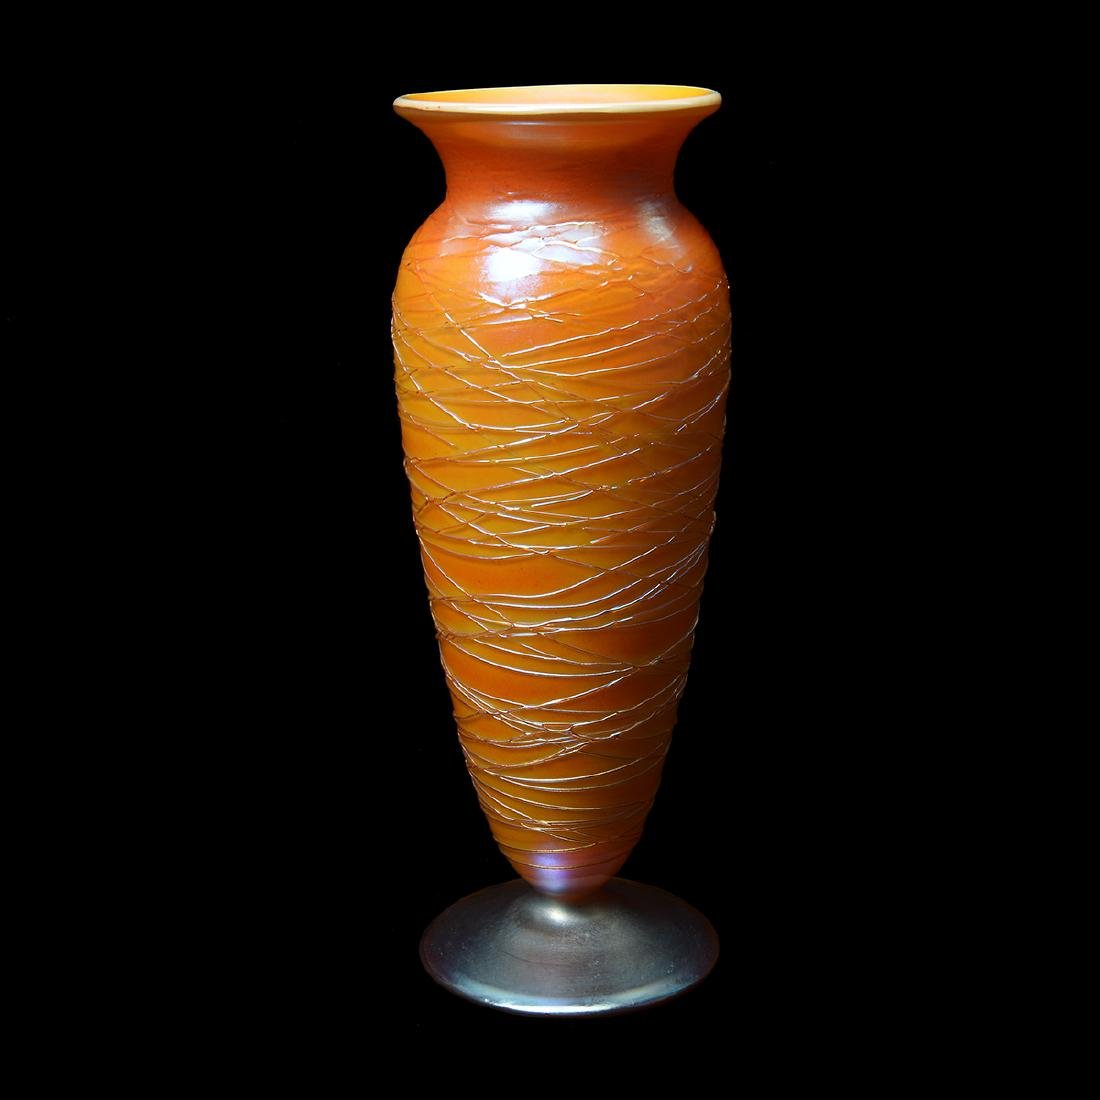 Durand Swirl Opalescent Vase